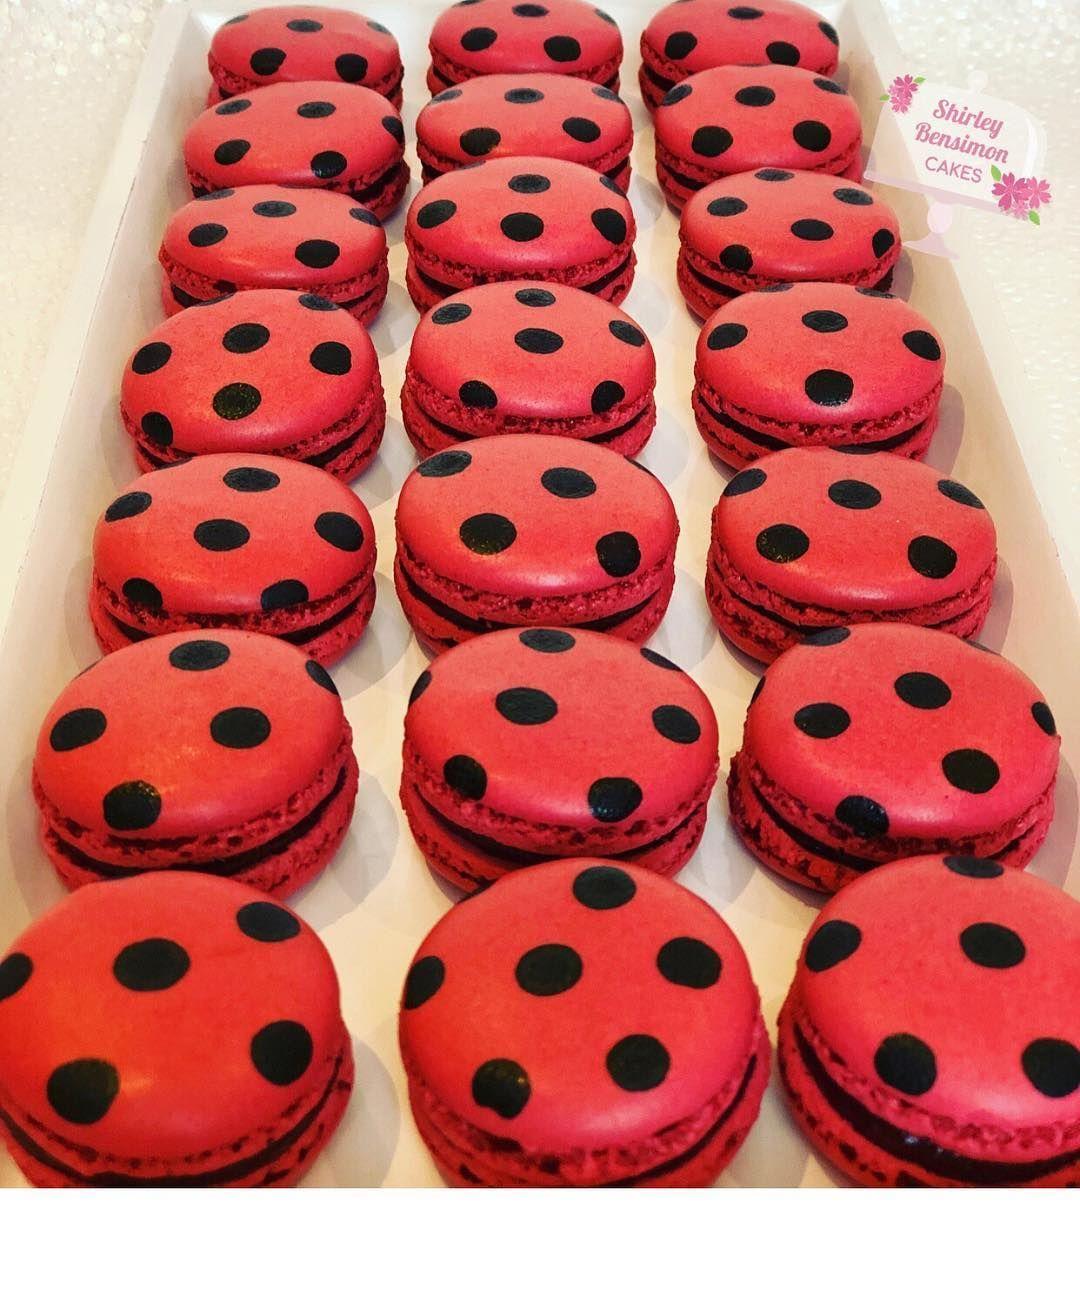 Ladybug Theme Macarons Miraculousladybug Ladybug Birthday Party Miraculous Ladybug Party Ladybug Theme